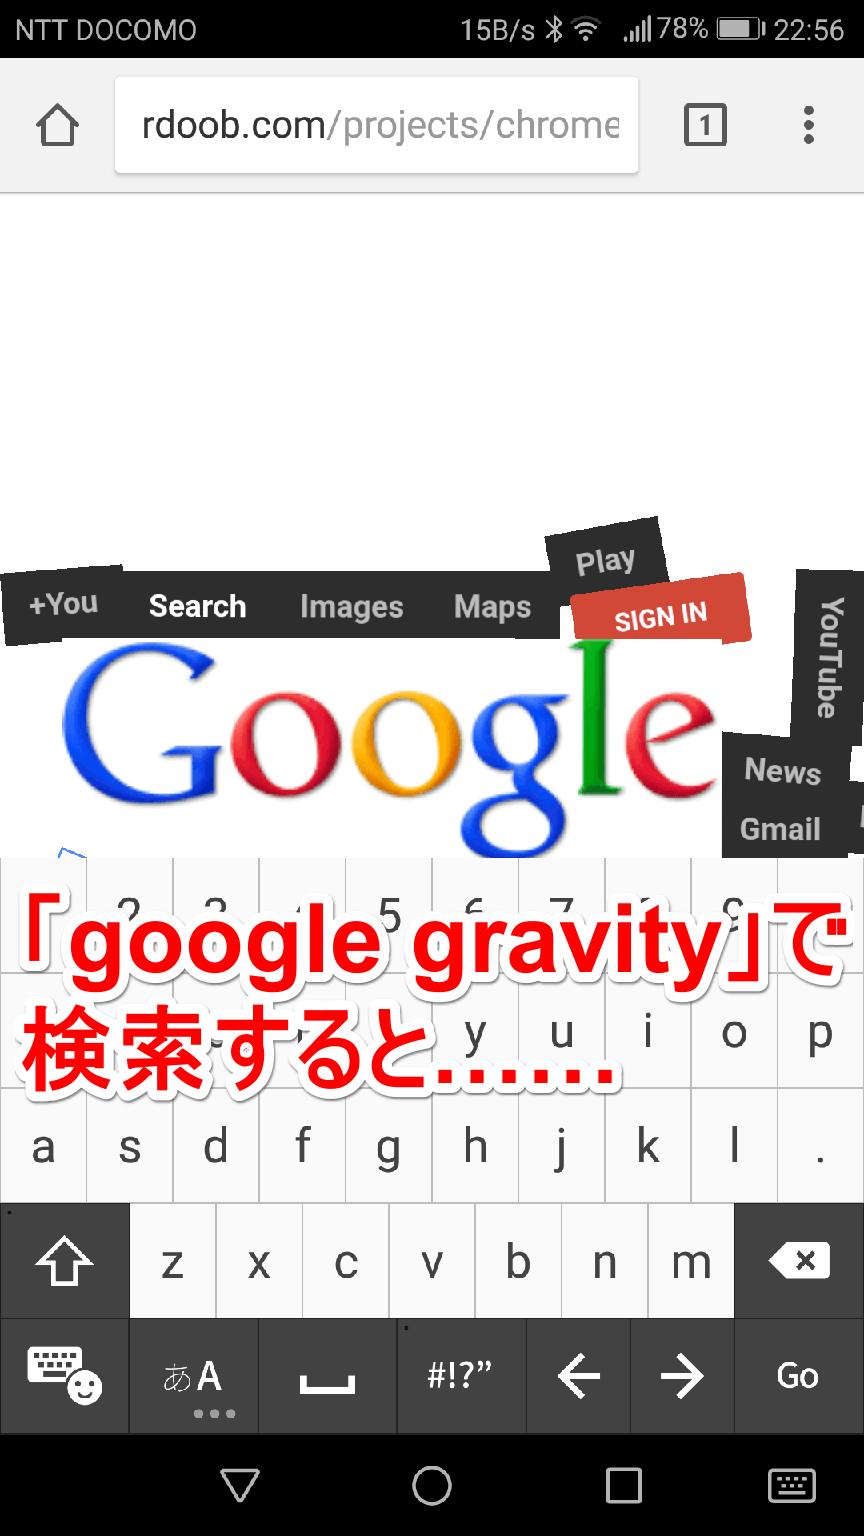 グーグルで「google gravity」を検索した結果その2